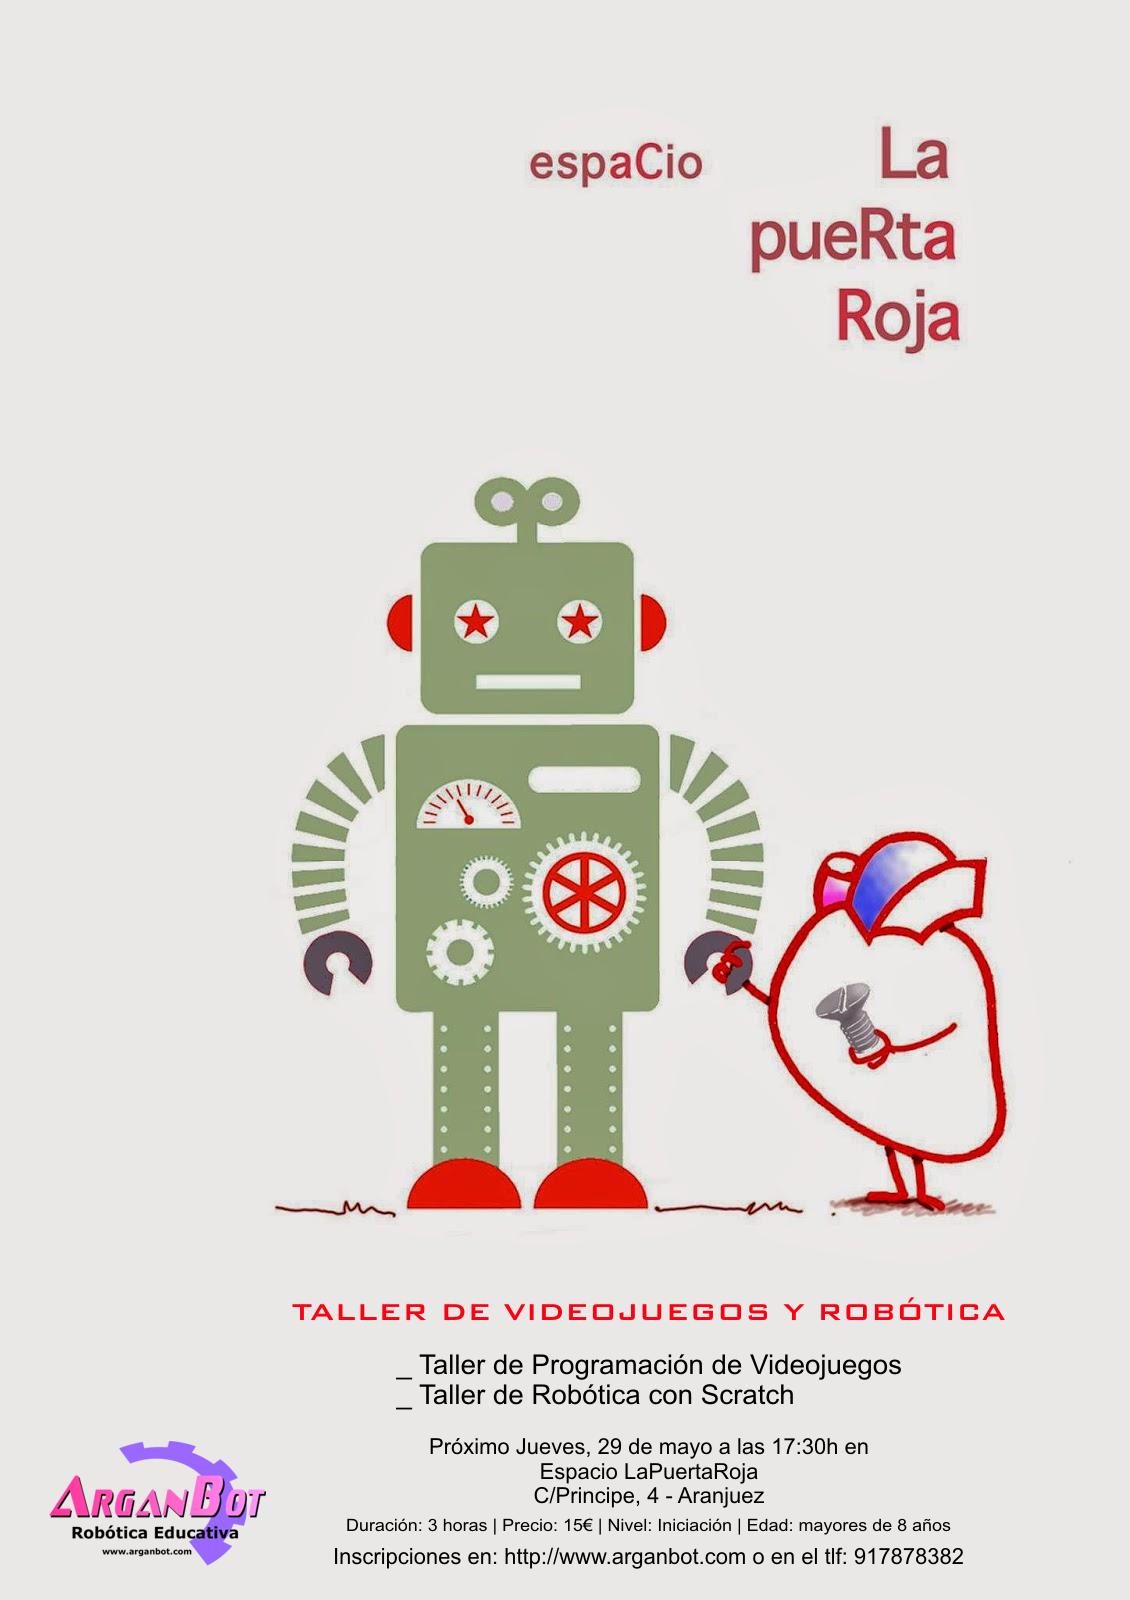 Taller de Videojuegos y Robótica con Scratch